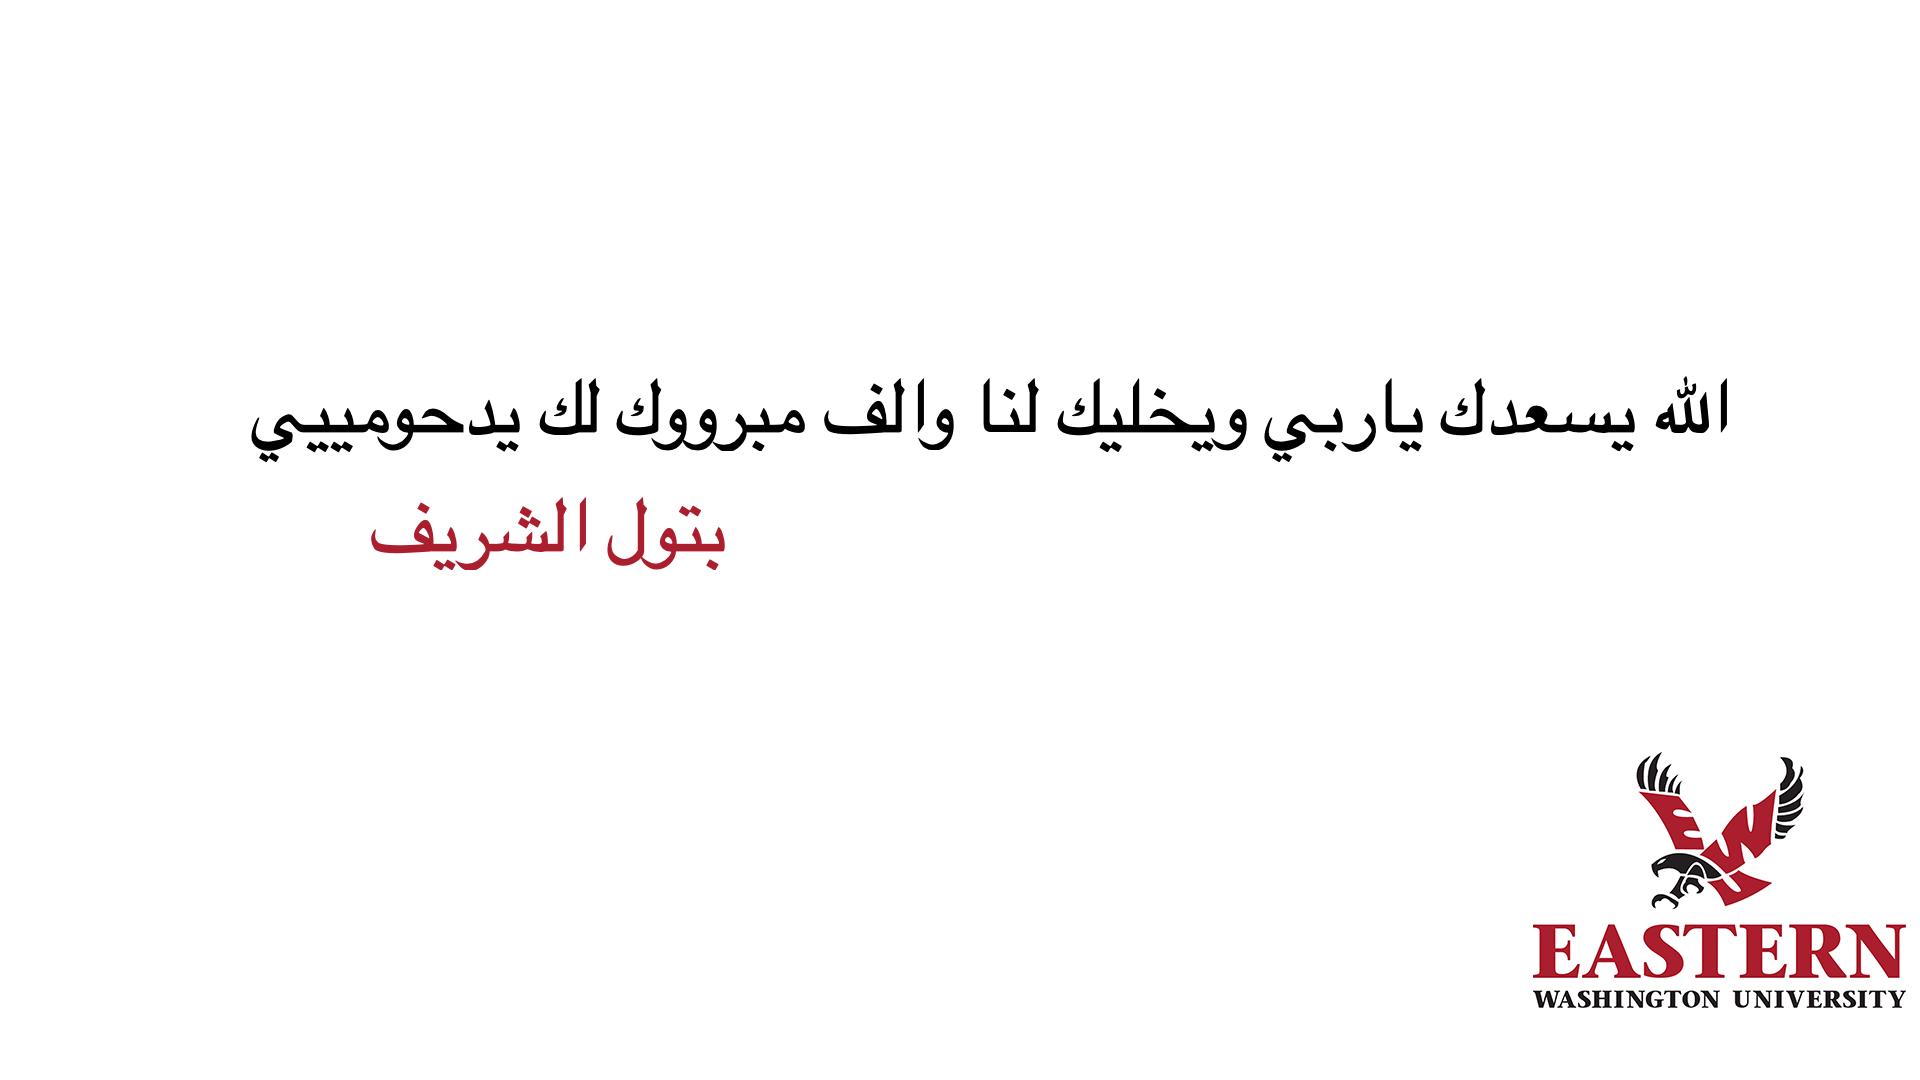 tbi_abdulrahman-abdullah-a_2705.png